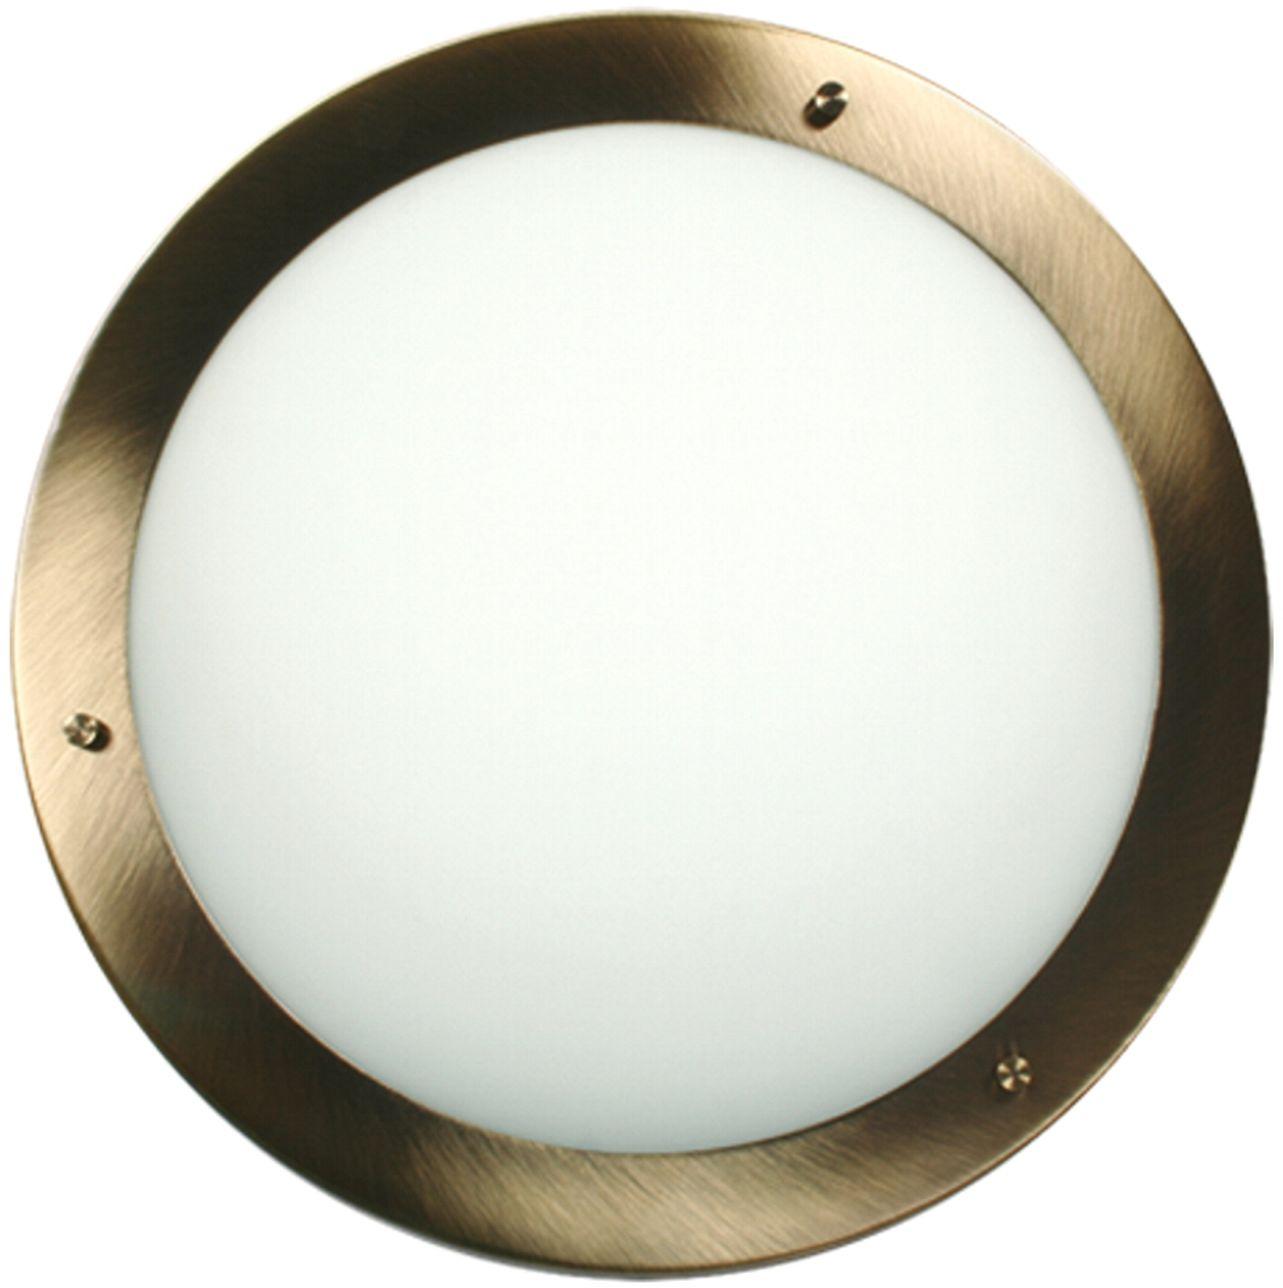 Candellux AQUILA 14-89352 plafon lampa sufitowa patyna szklany klosz 2X60W E27 40cm IP44